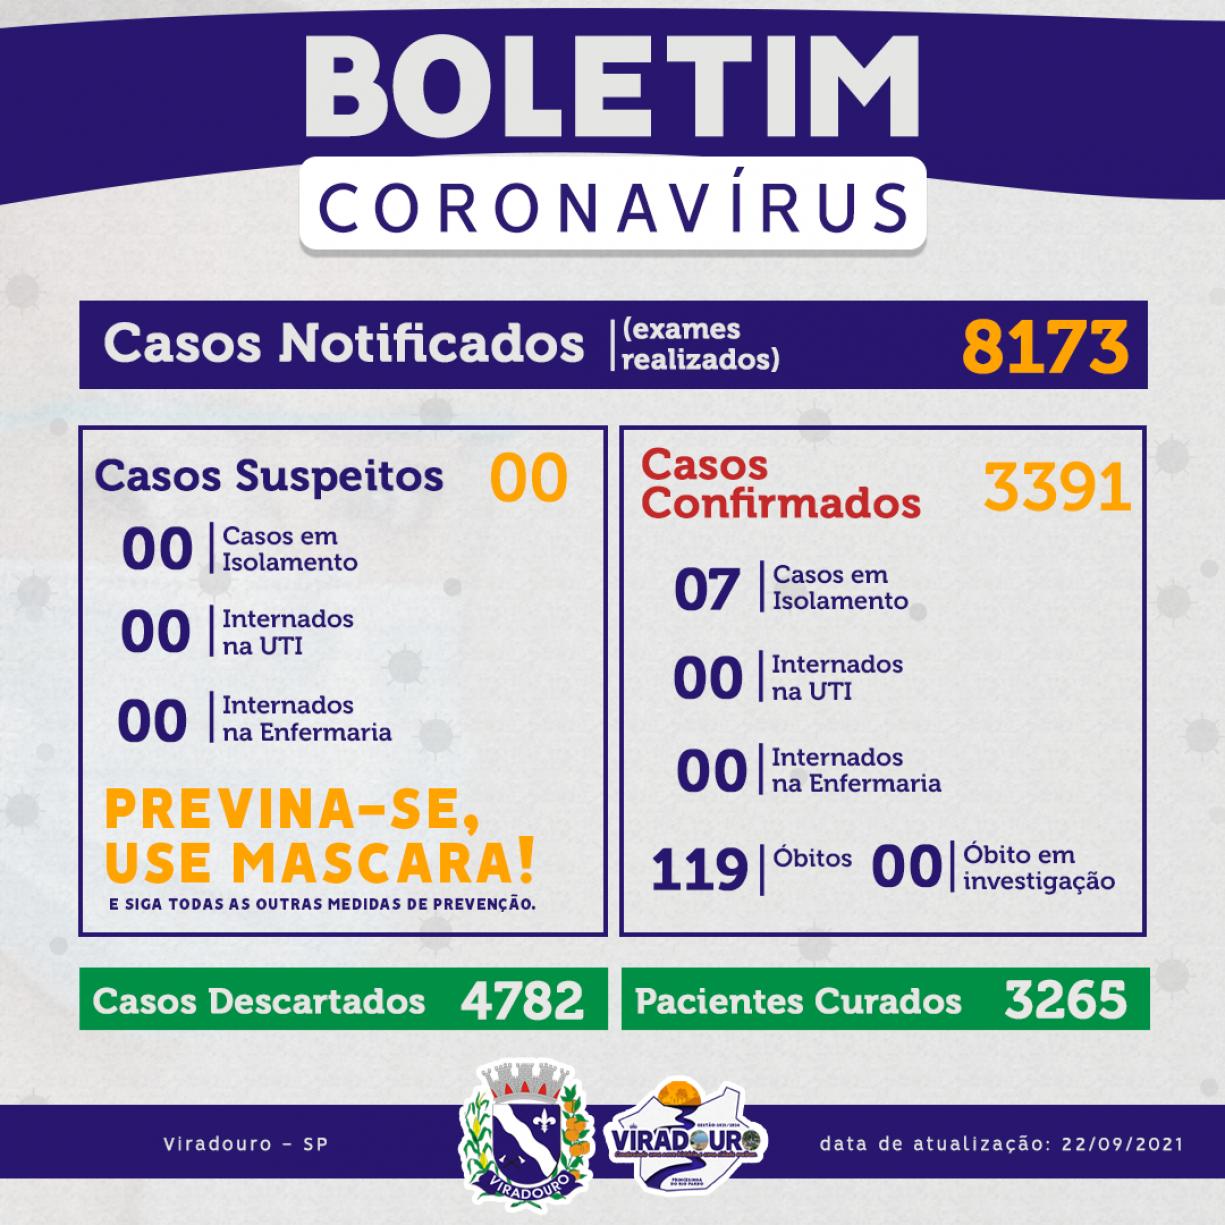 CORONAVÍRUS: BOLETIM EPIDEMIOLÓGICO (ATUALIZAÇÃO 22/09/2021)